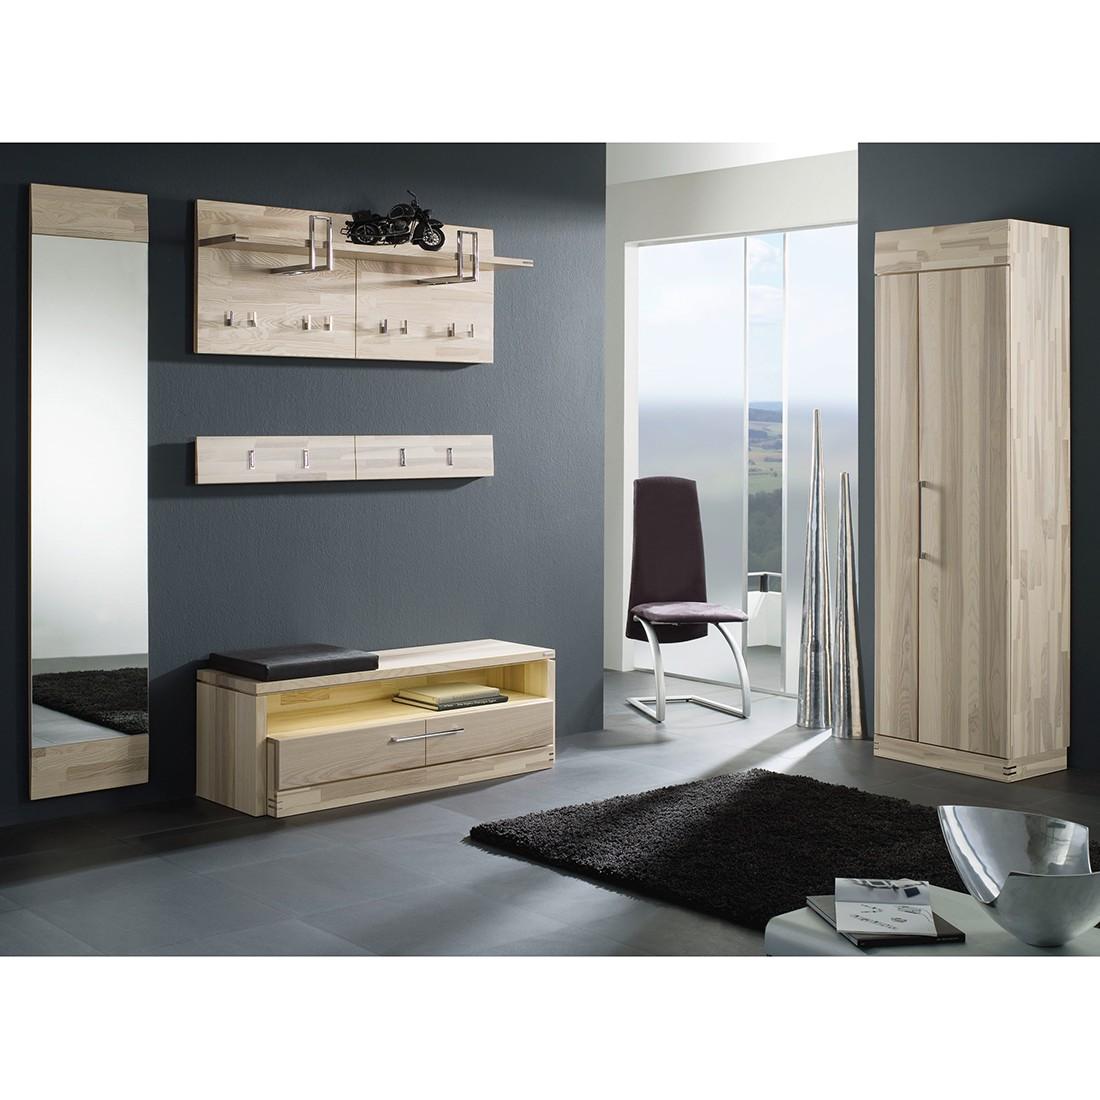 garderobenset terra iv 5 teilig kernesche massiv. Black Bedroom Furniture Sets. Home Design Ideas